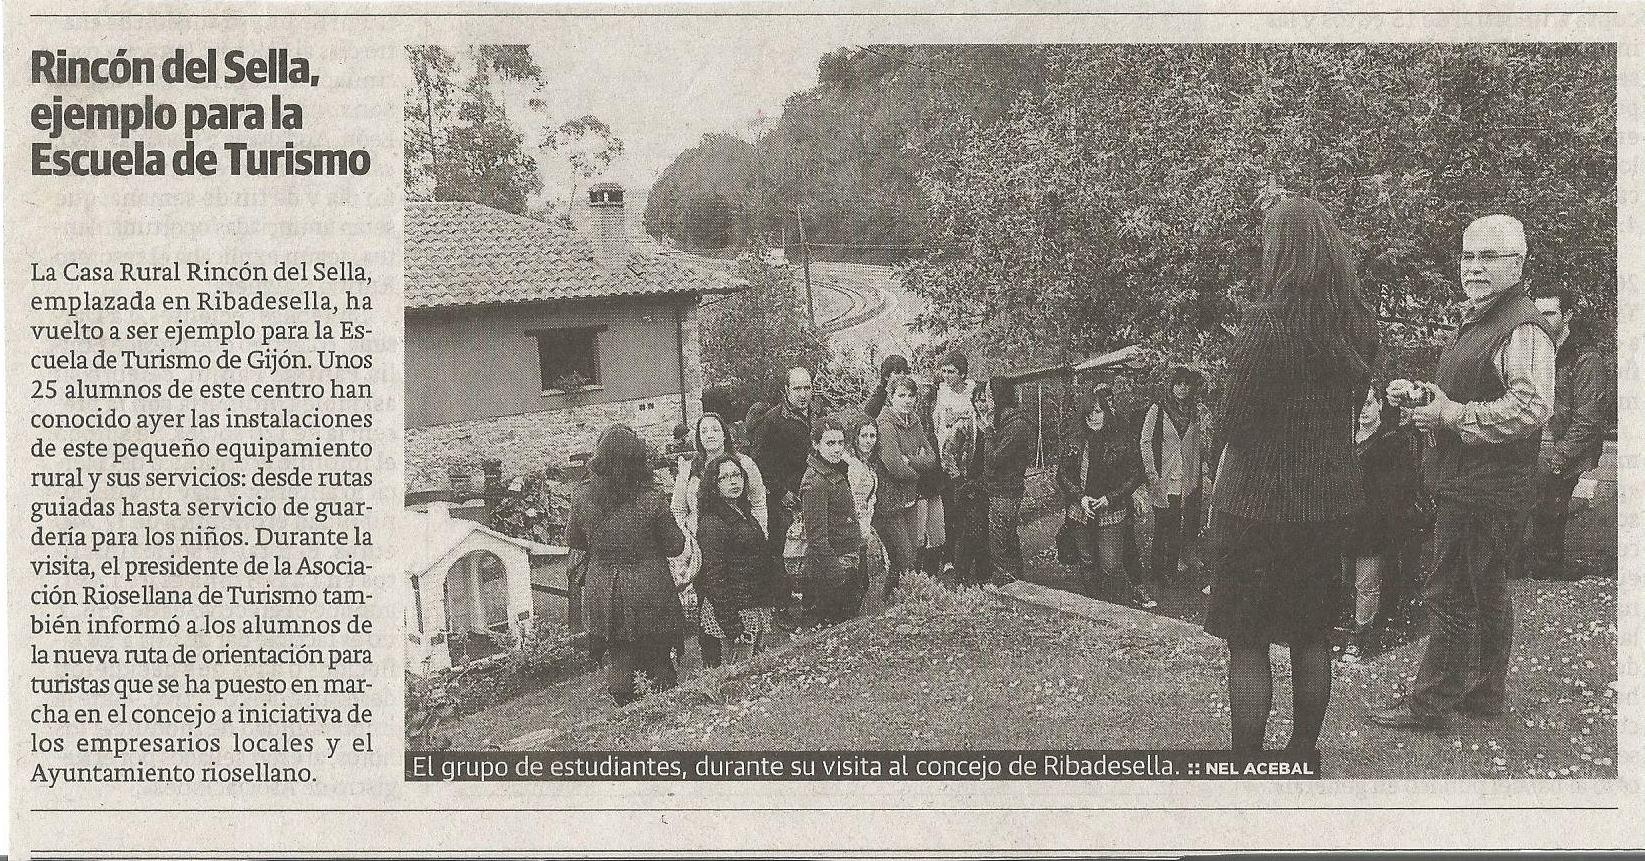 Nuestra casa como ejemplo para los alumnos de la escuela de Turismo de Gijón